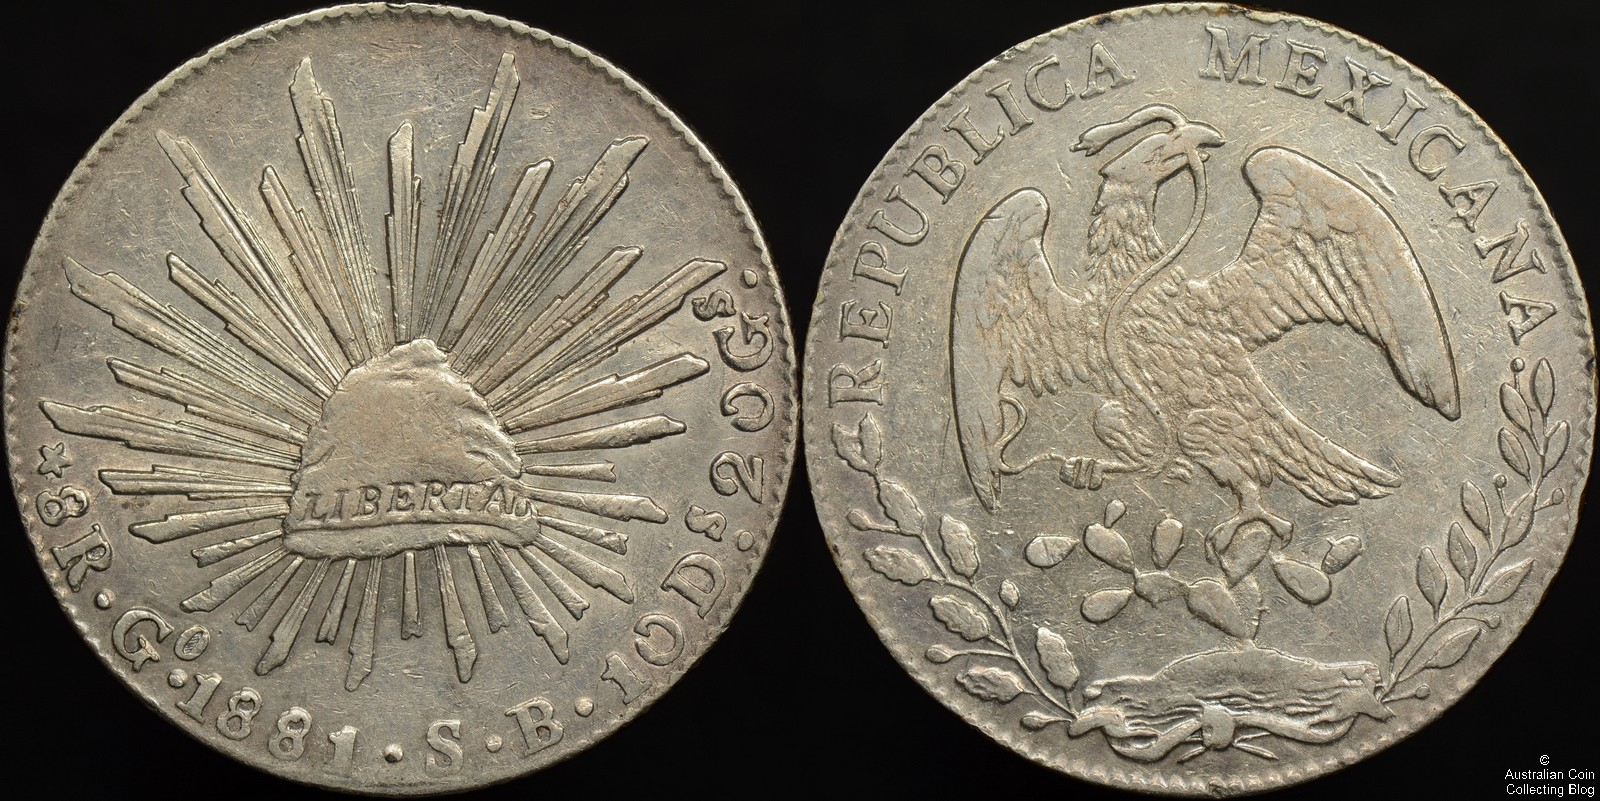 Mexico 1881/0 Go SB 8 Reales KM#377.8